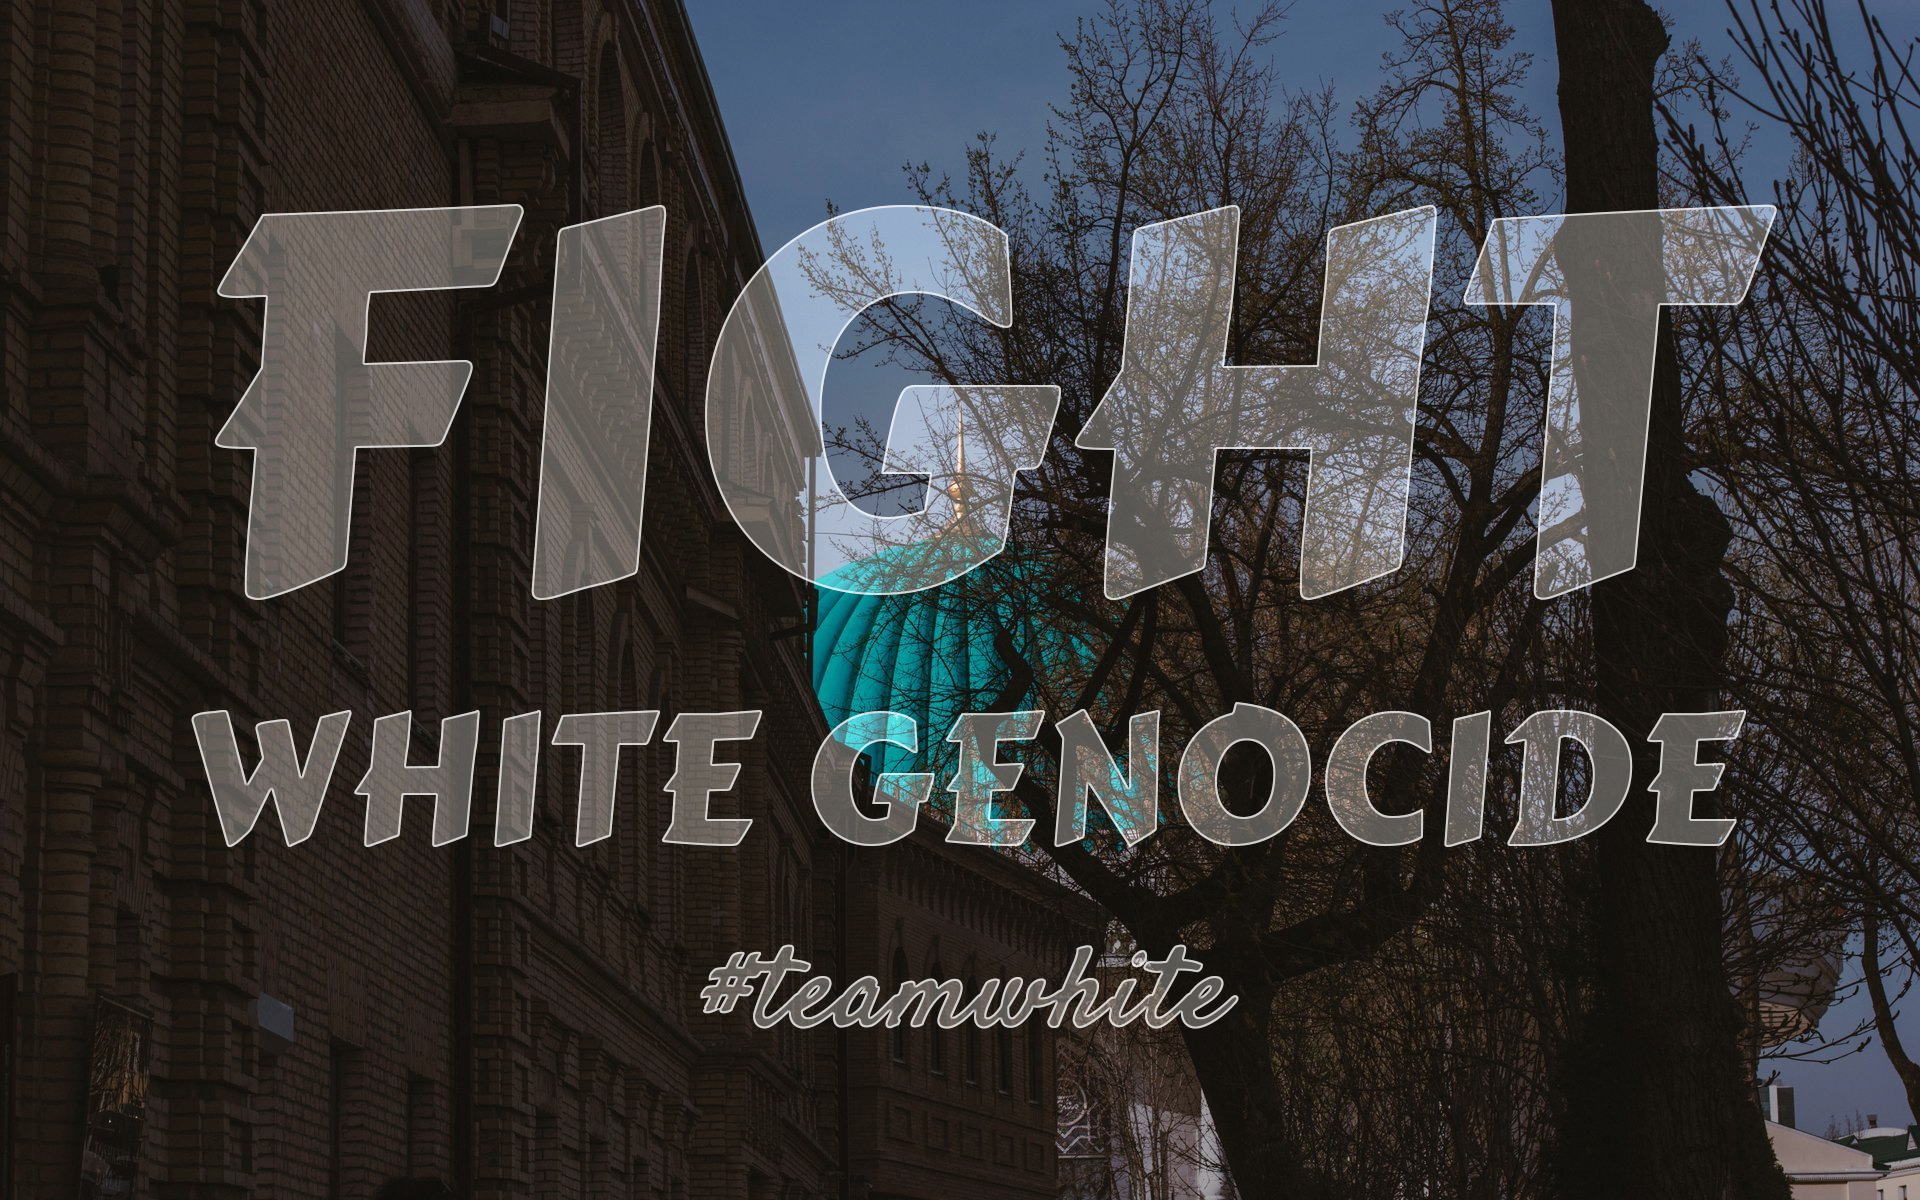 teamwhite_image